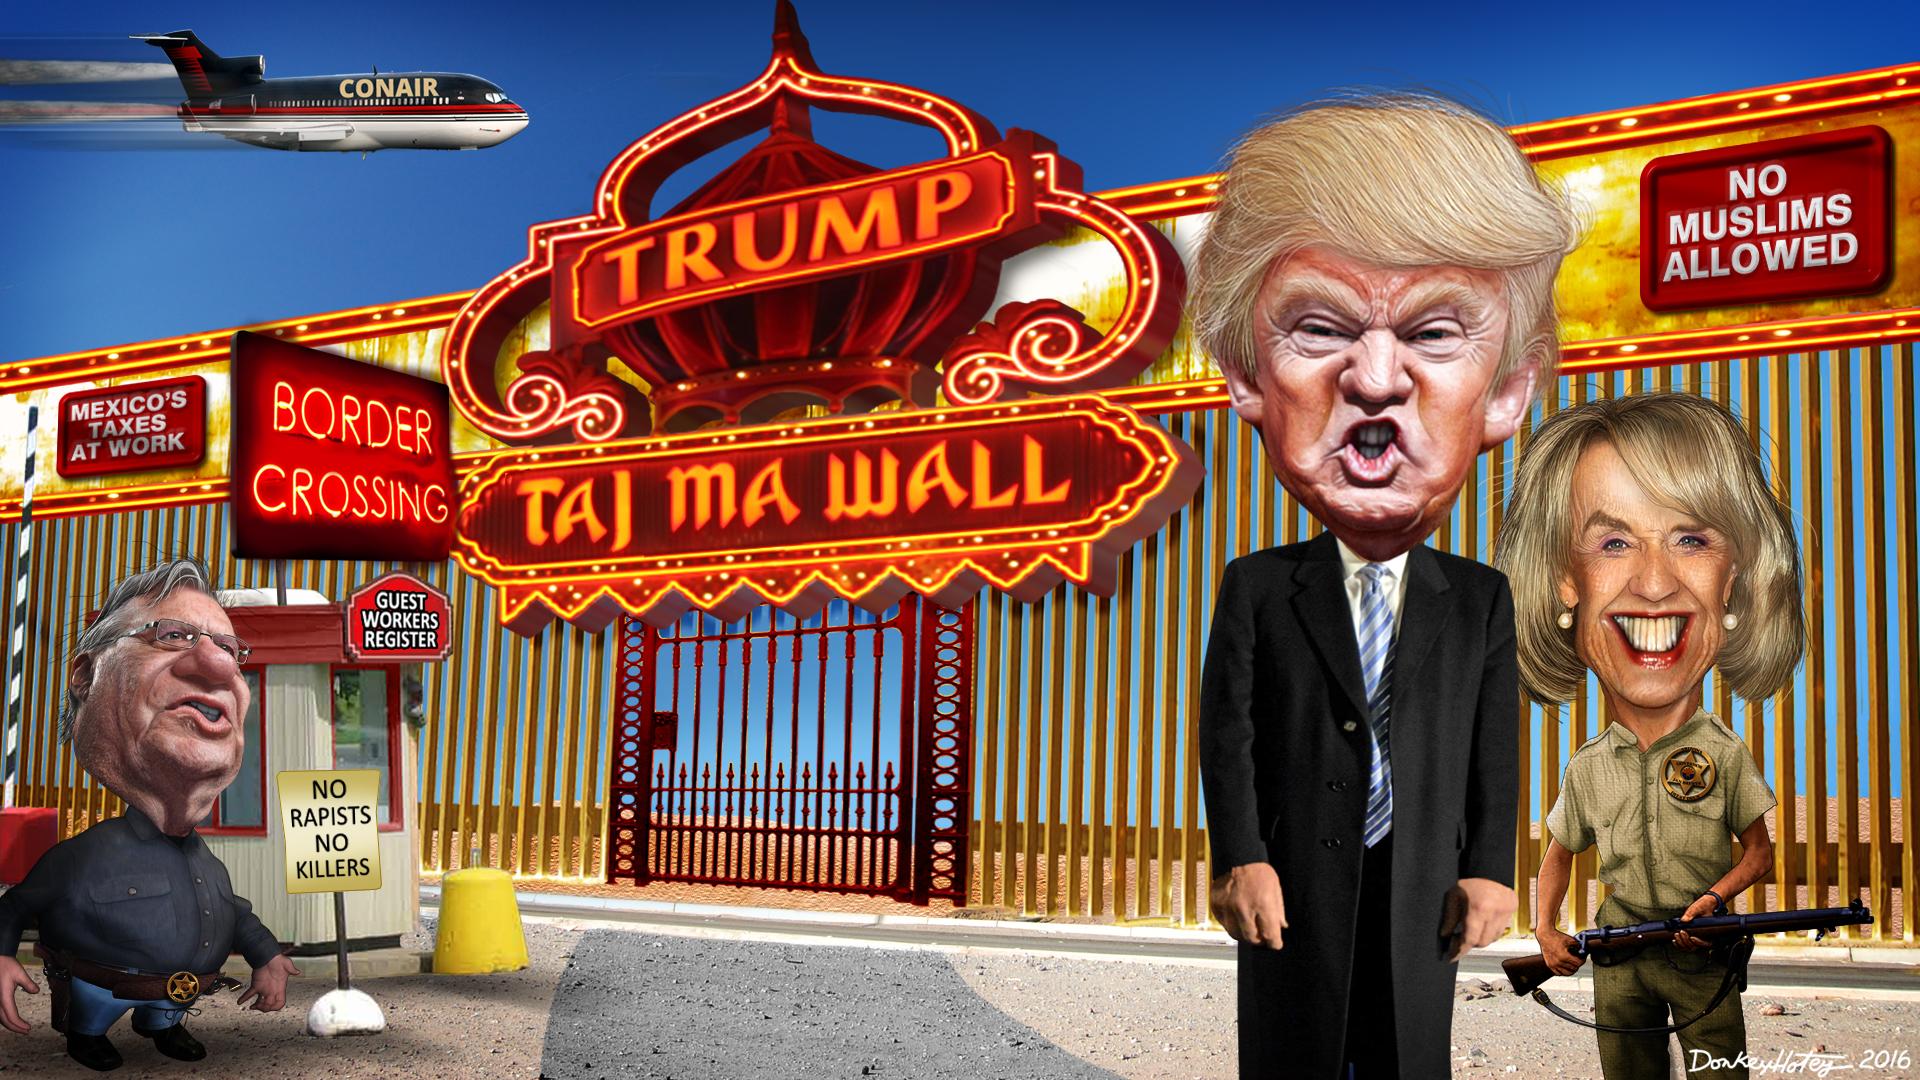 Trump_Deficit_Wall_1920x1080.jpg